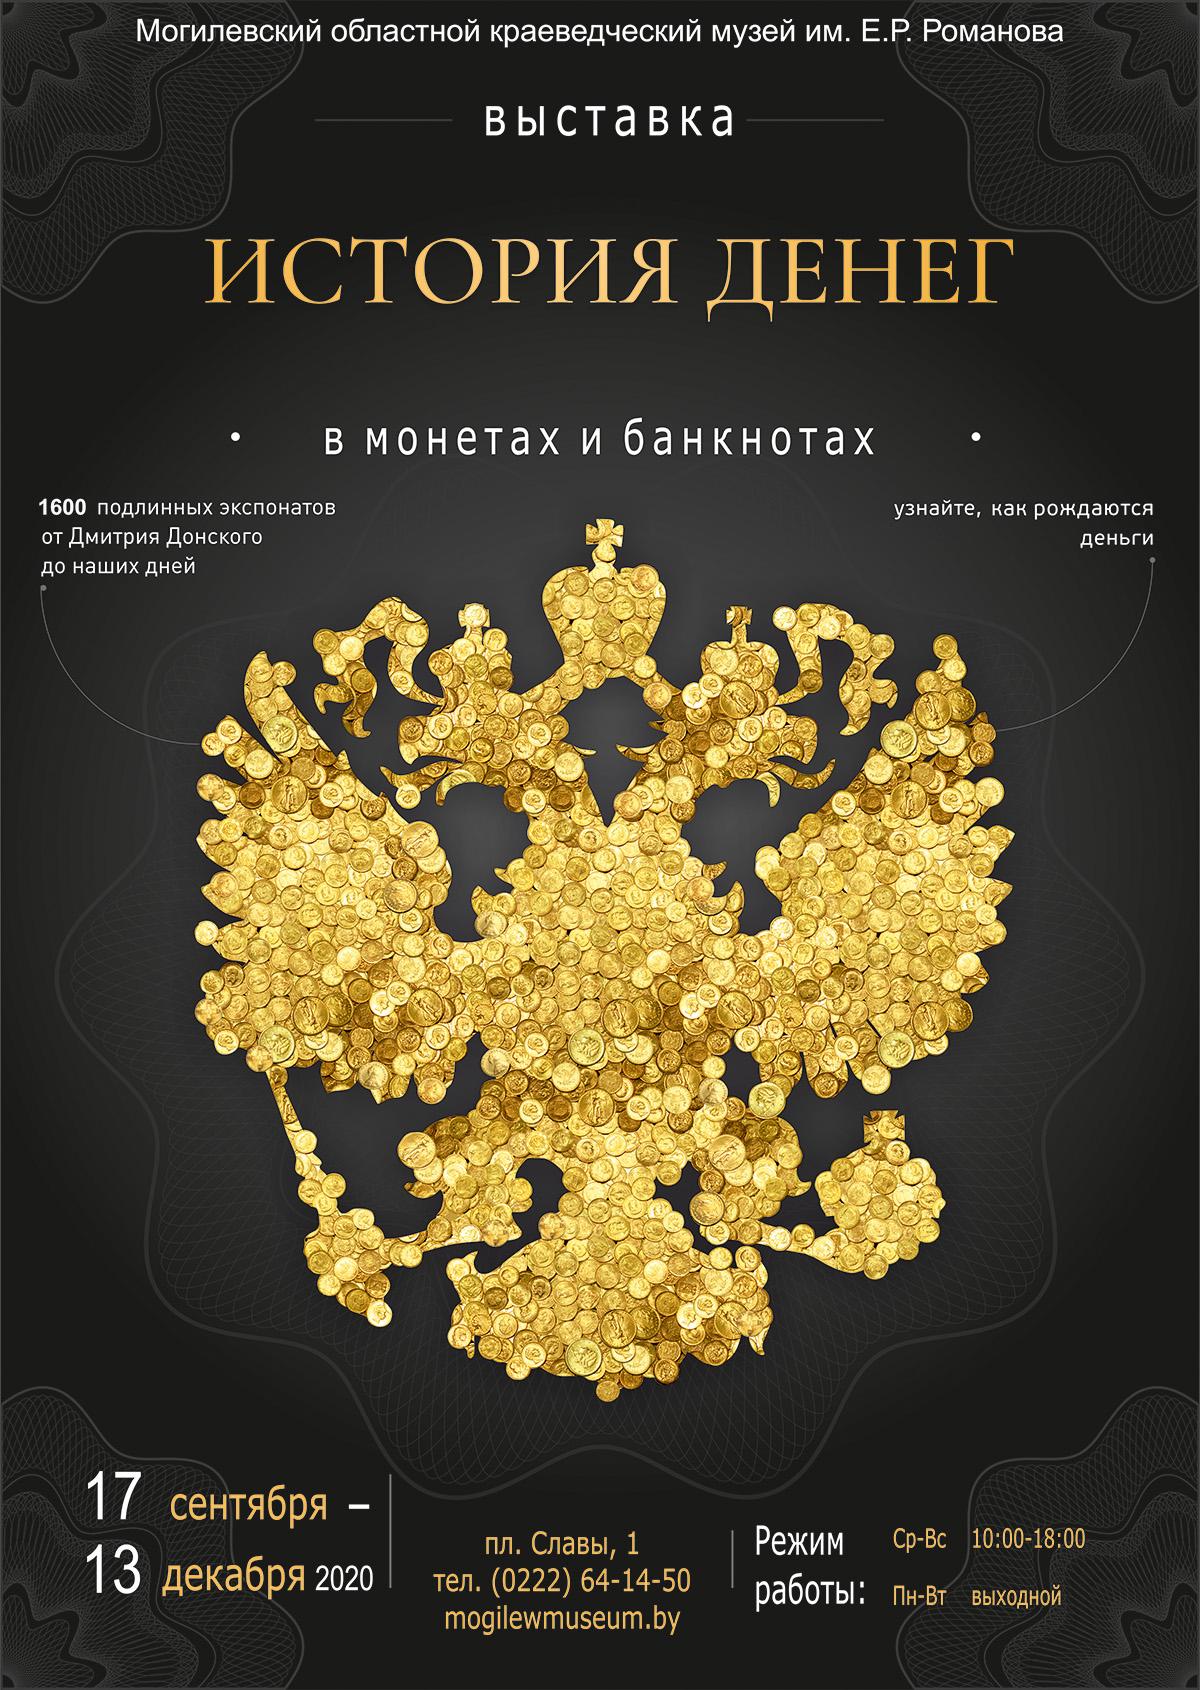 Могилевчан приглашают на«денежную» выставку вобластной краеведческий музей